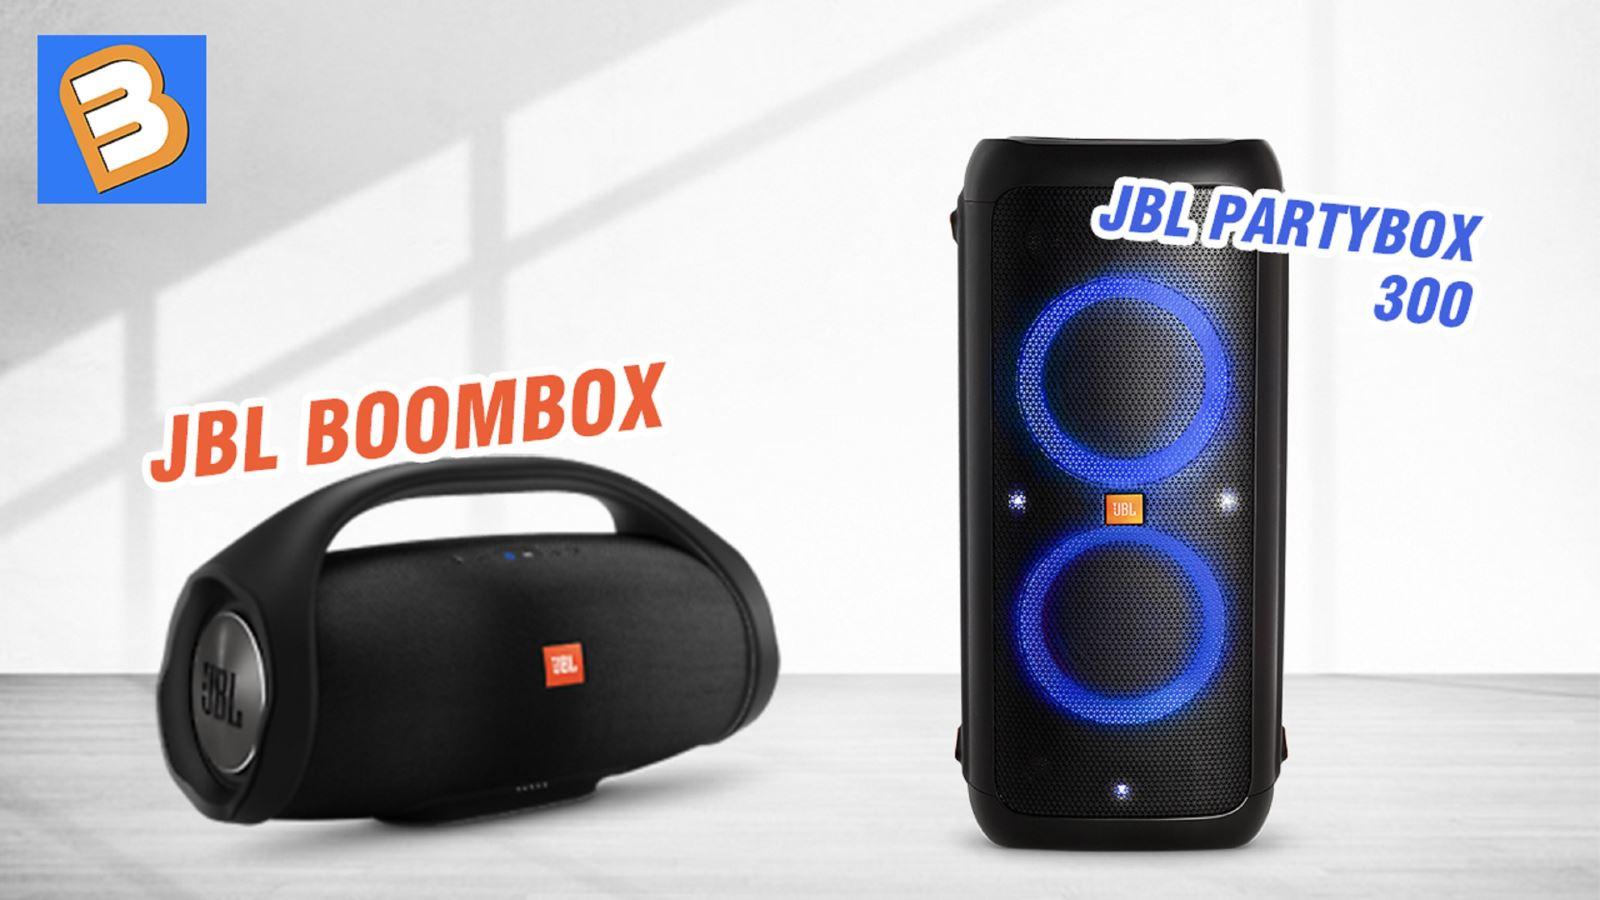 JBL BoomBox vớiJBL Party Box 300, loa nào hay hơn?